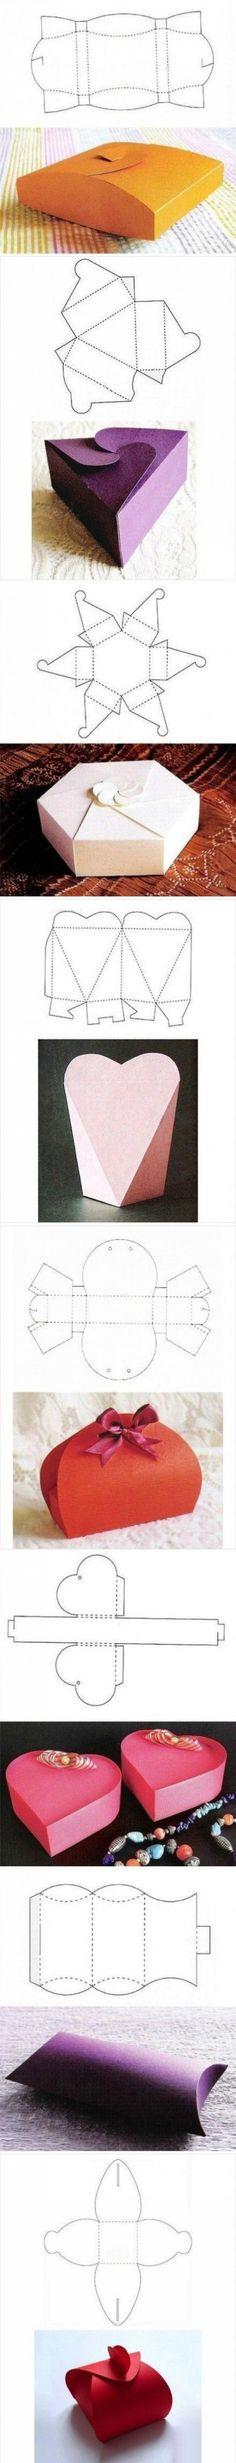 Verpackungen für Geschenke der besonderen Art | Webfail - Fail Bilder und Fail Videos